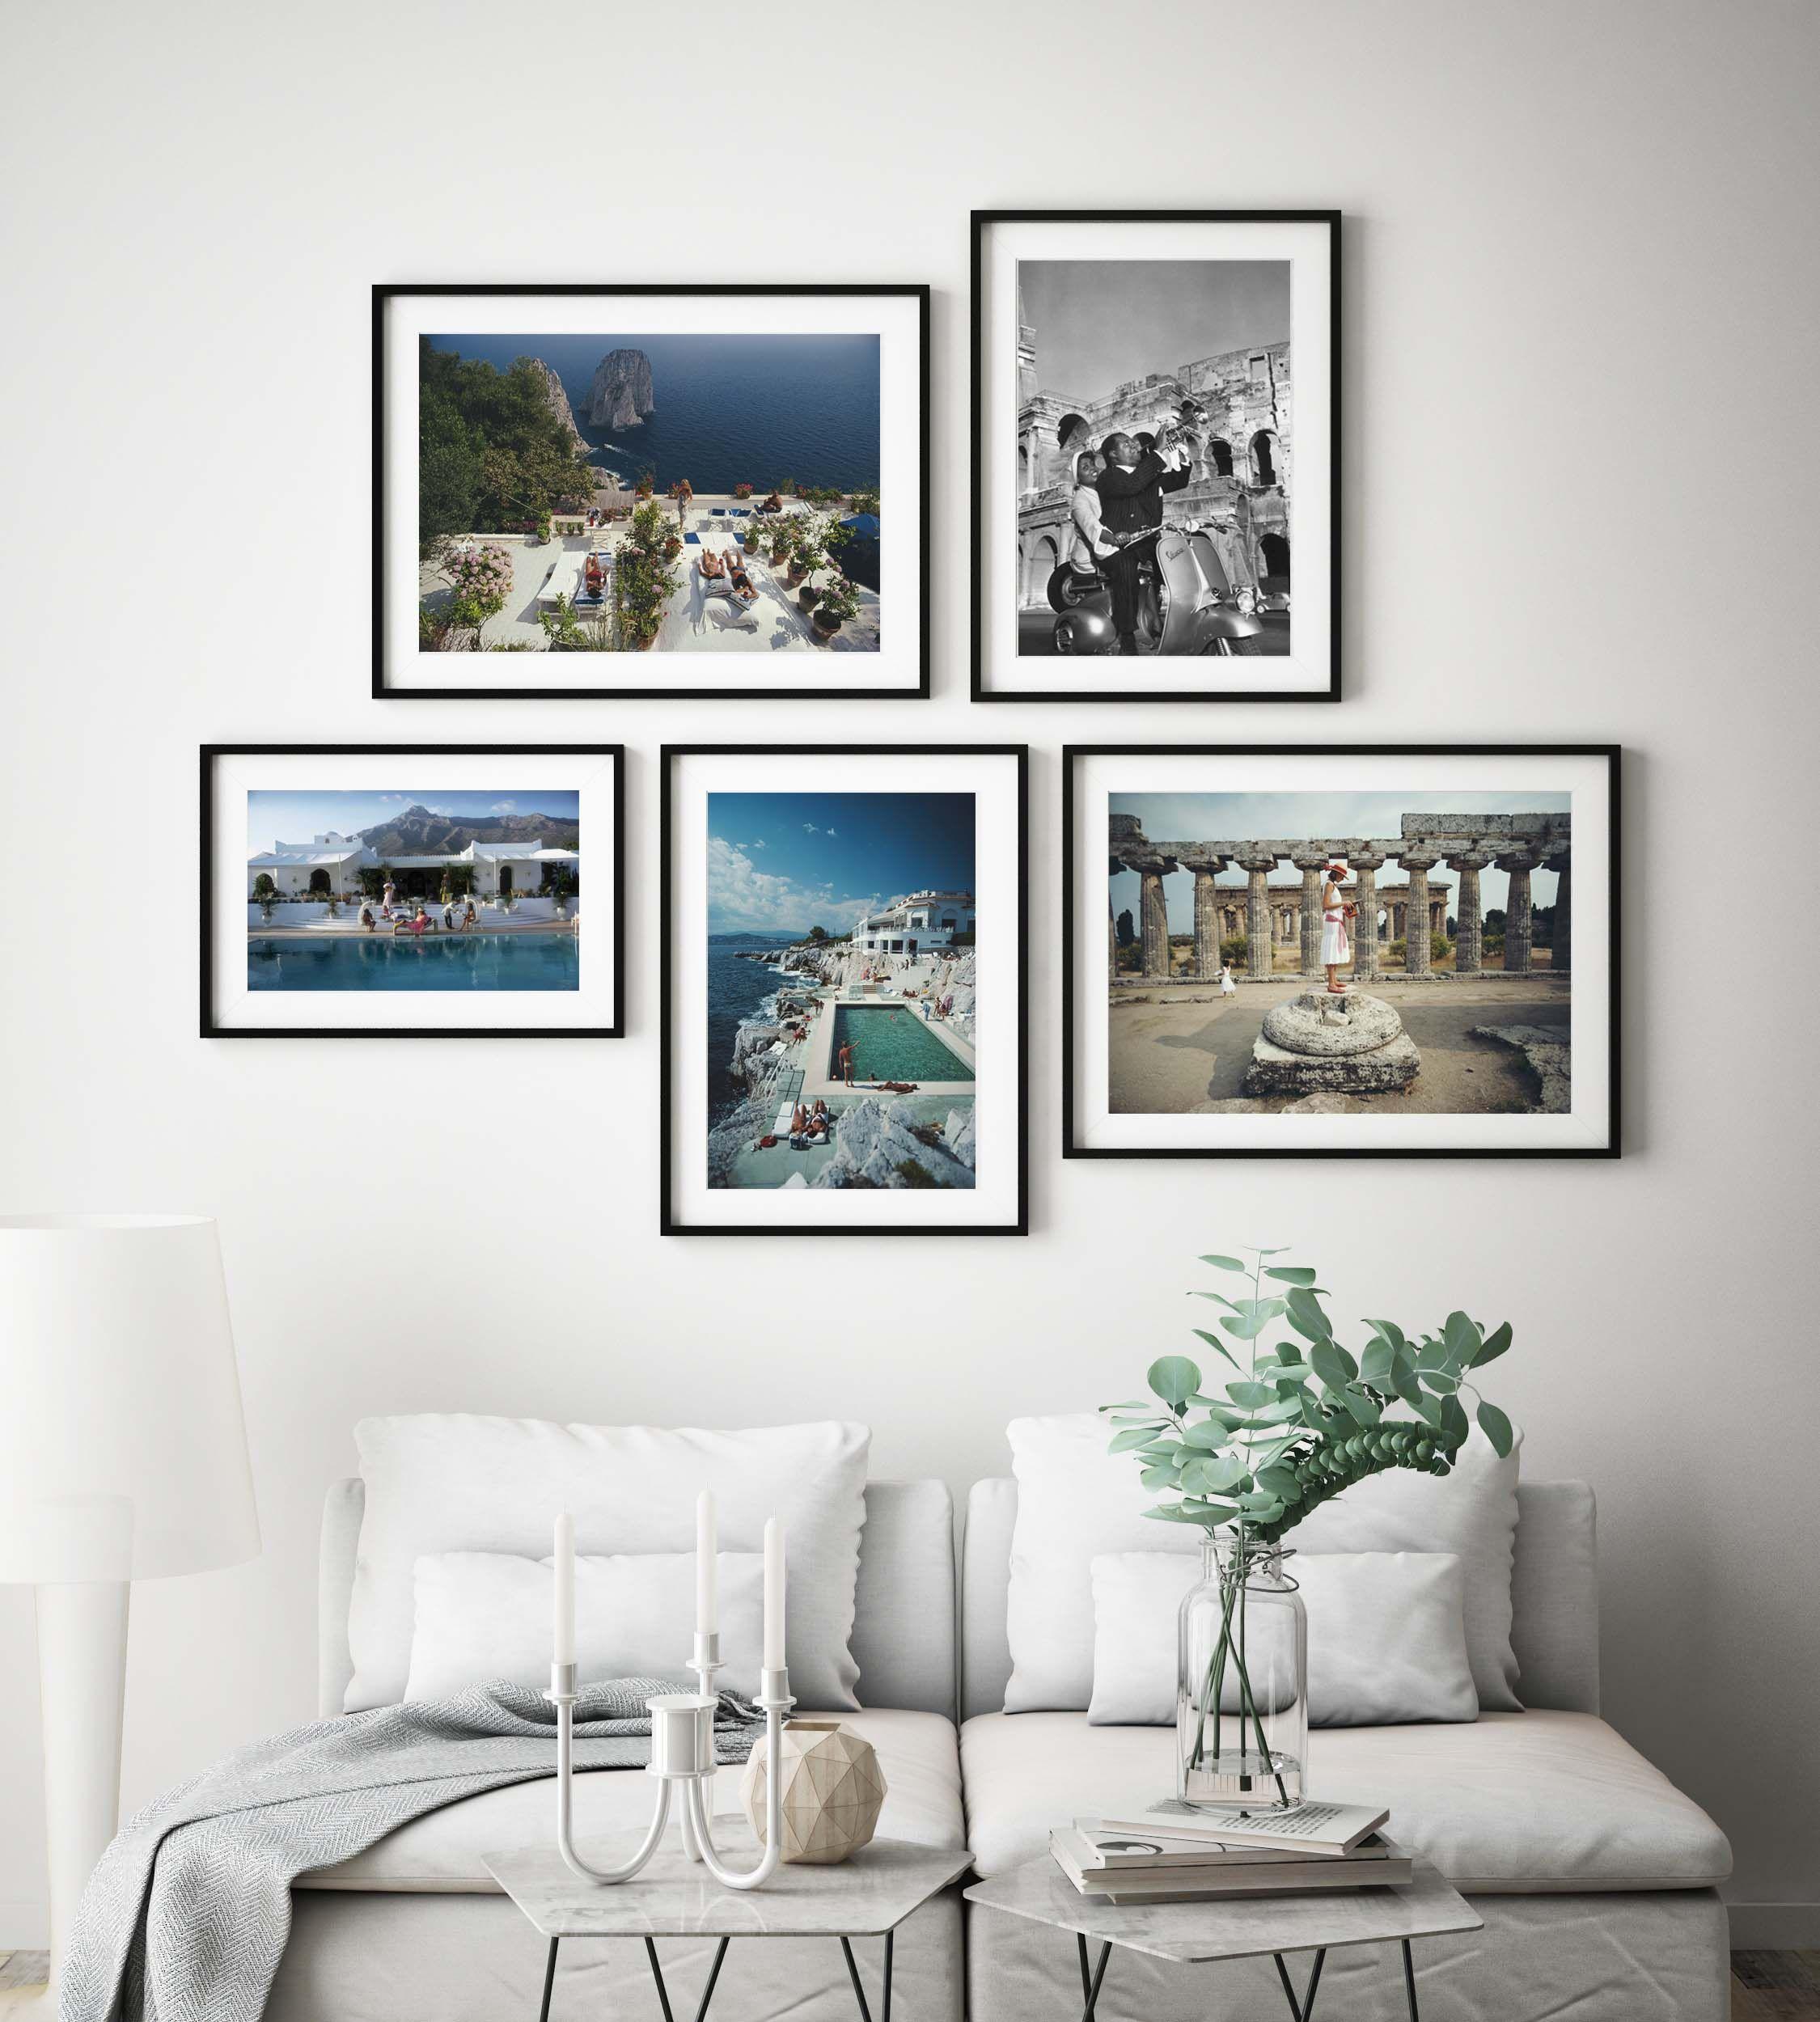 Slim Aarons Framed Prints Slim Aarons Photography Gallery Wall Slim Aarons Prints